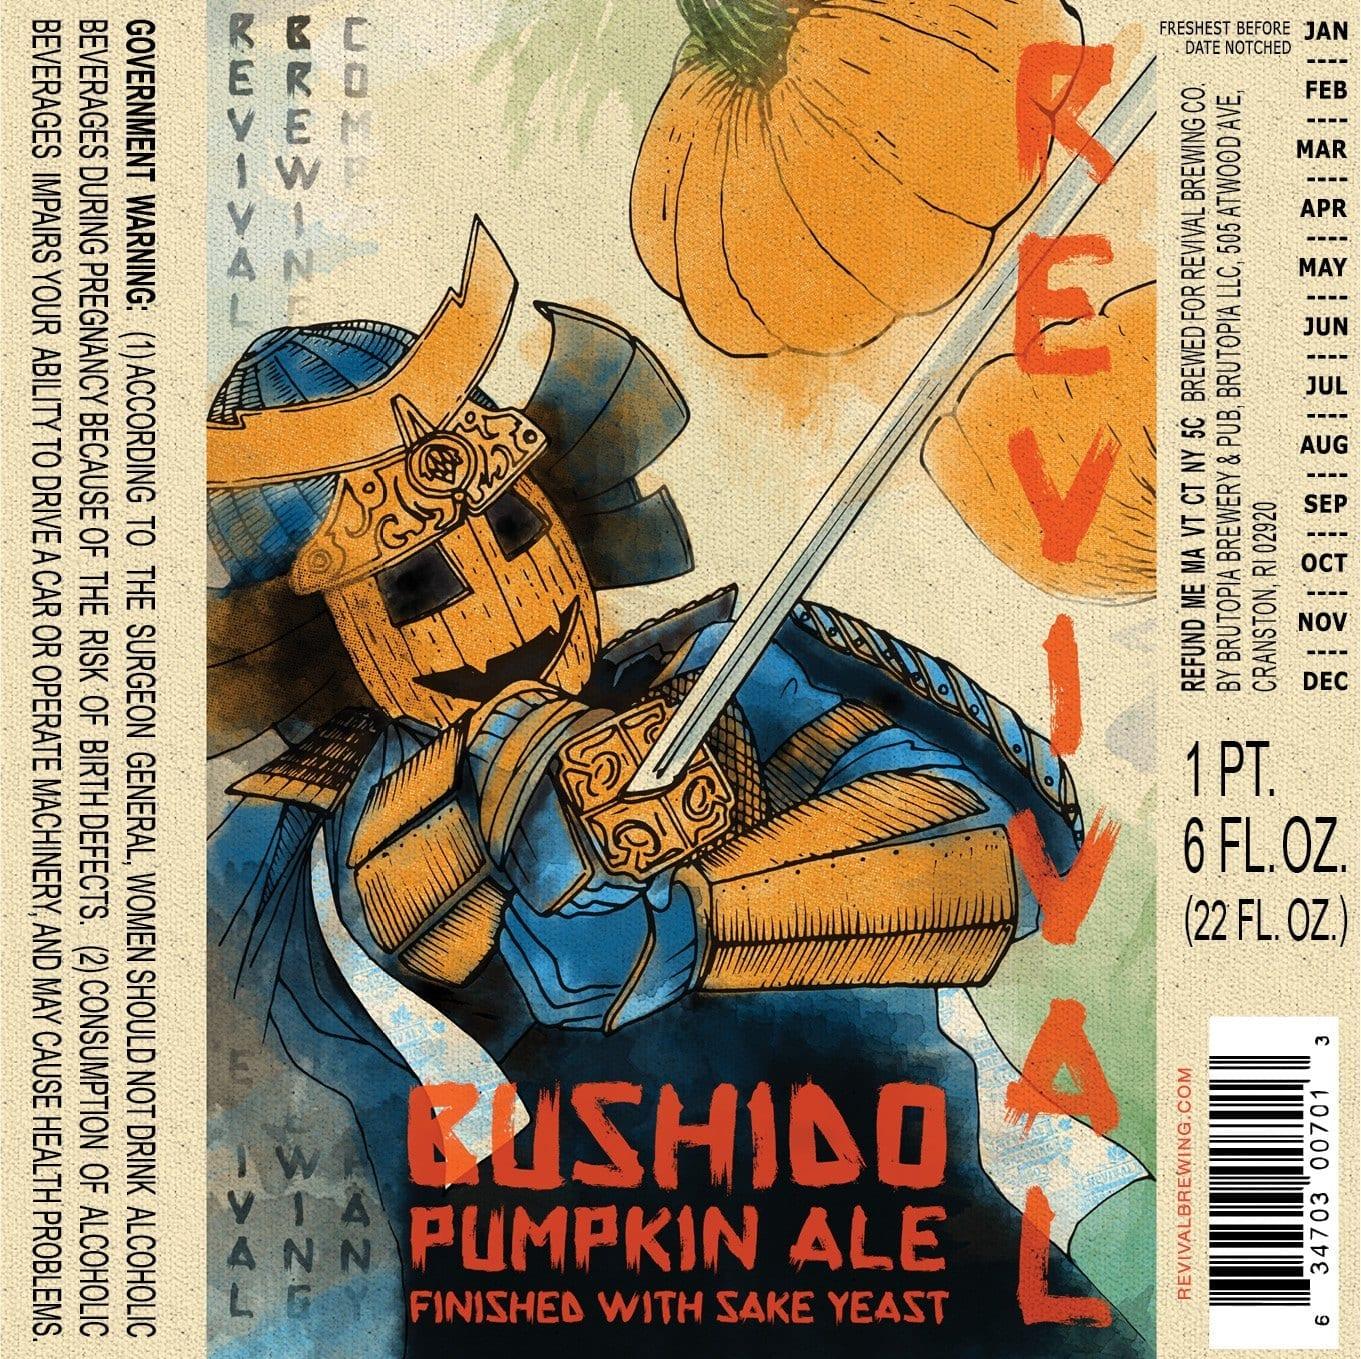 Revival Bushido Pumpkin Ale